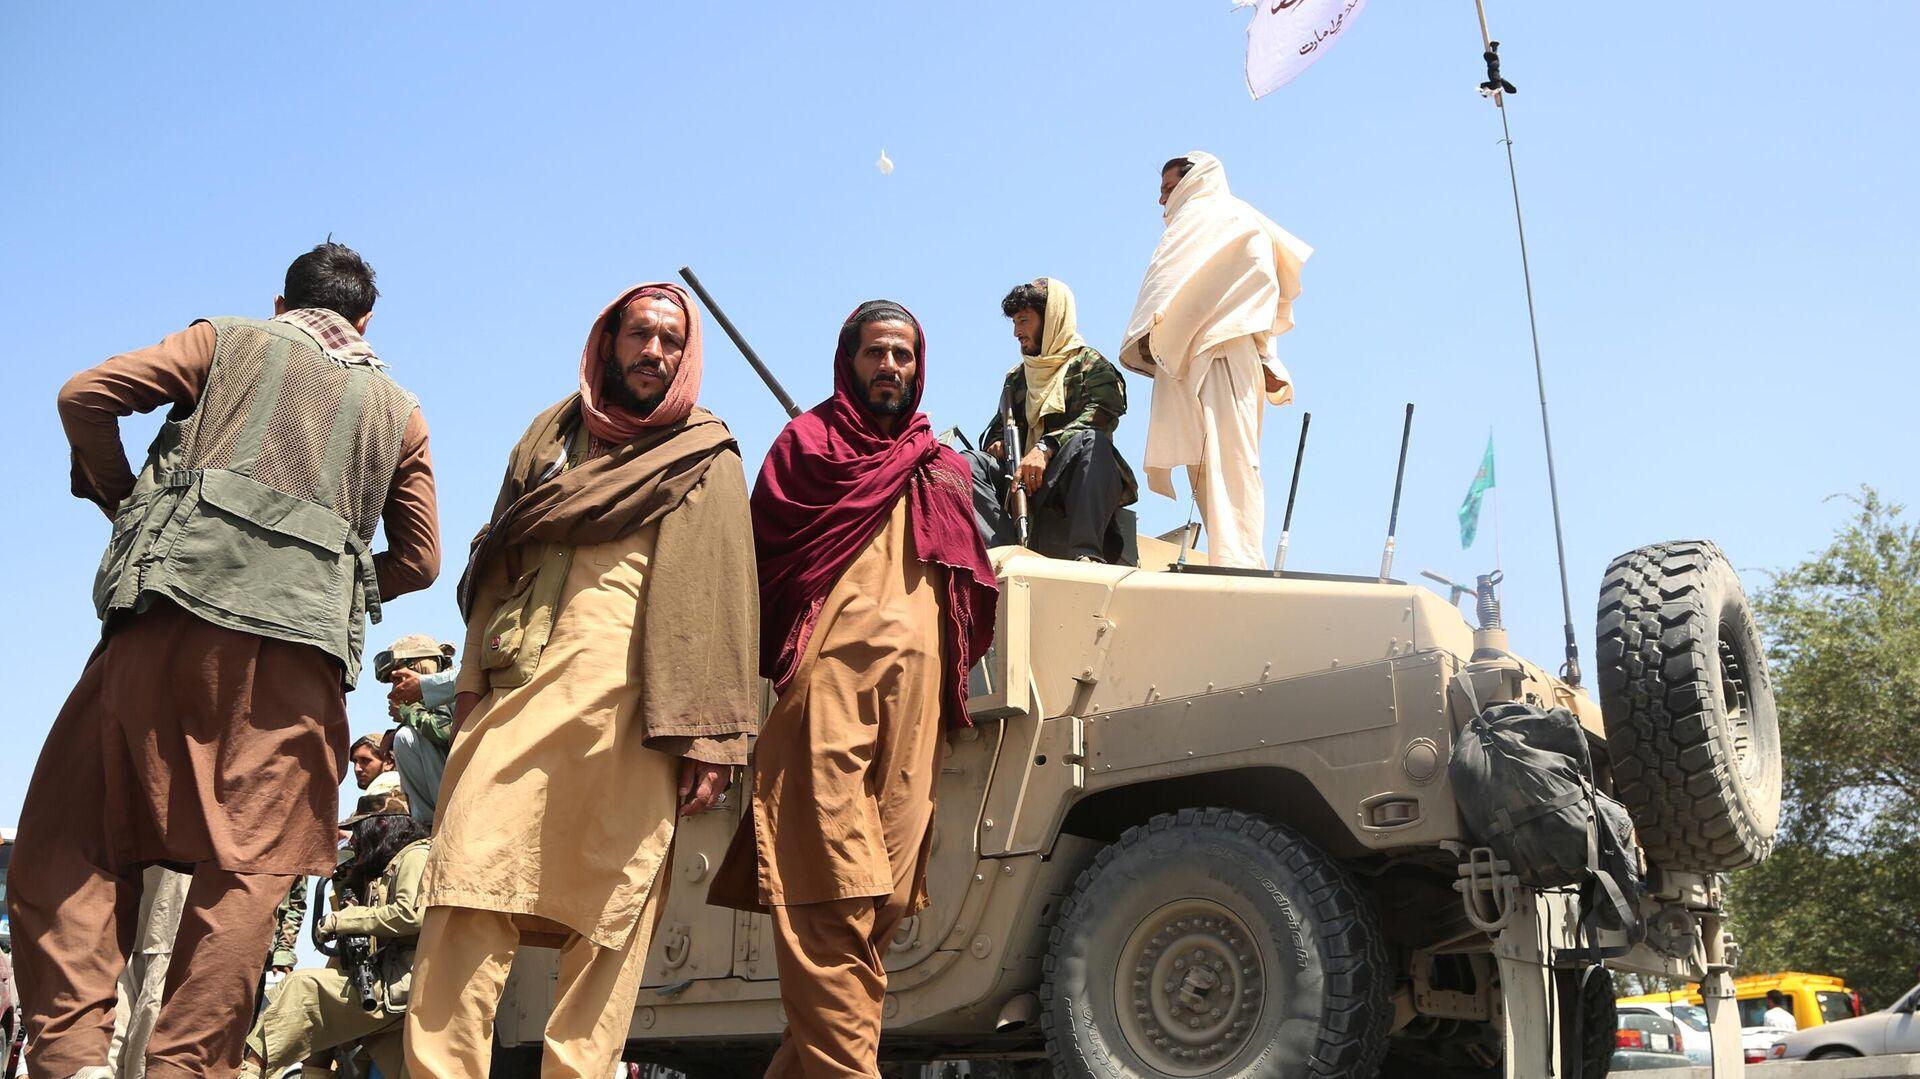 Боевики движения Талибан (террористическая организация, запрещена в России) в Кабуле - Sputnik Узбекистан, 1920, 04.10.2021